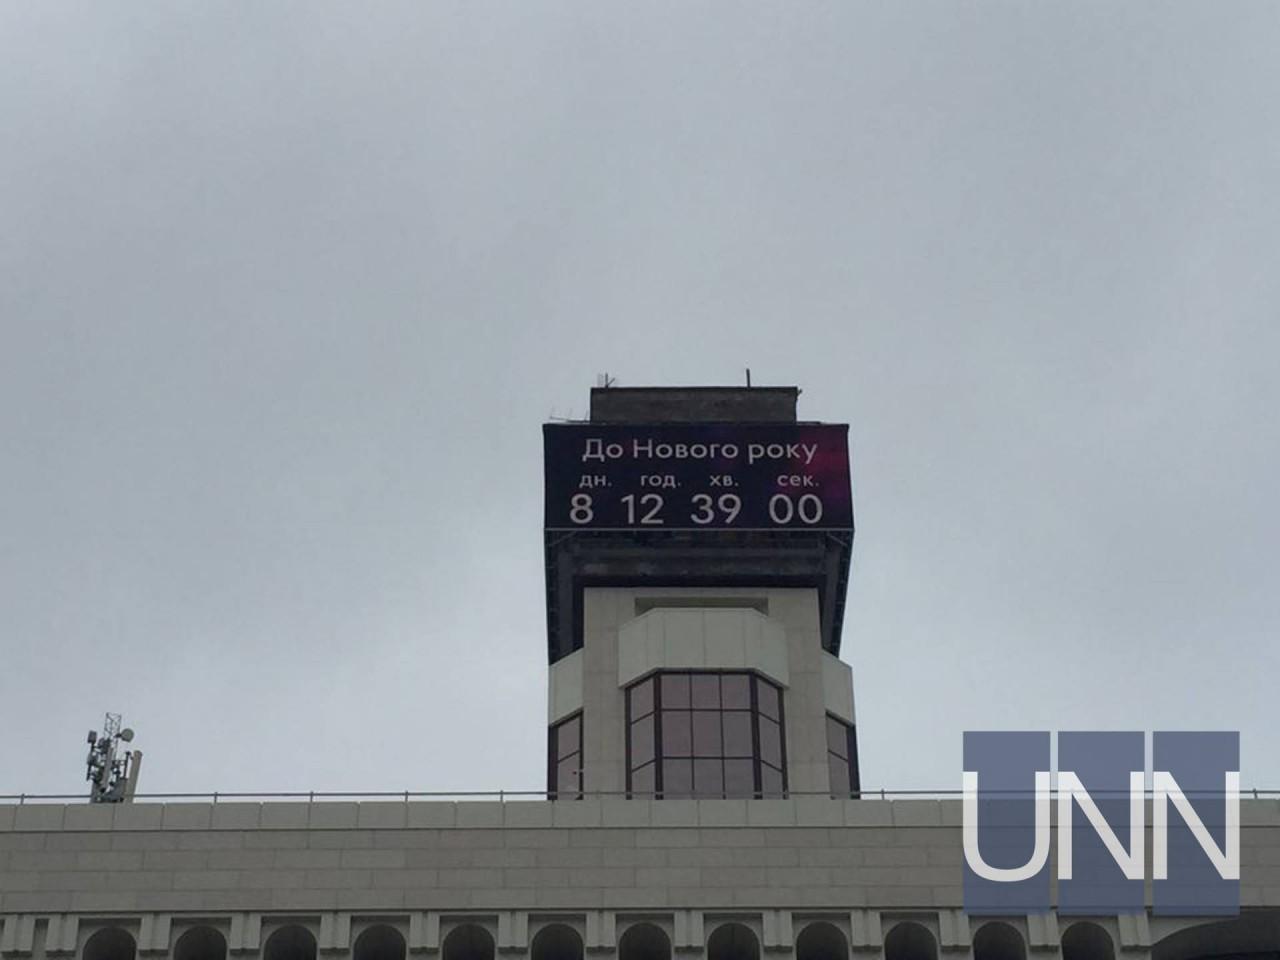 У Києві на Будинку профспілок запрацював годинник – новини на УНН ... 840a3f80c36b8